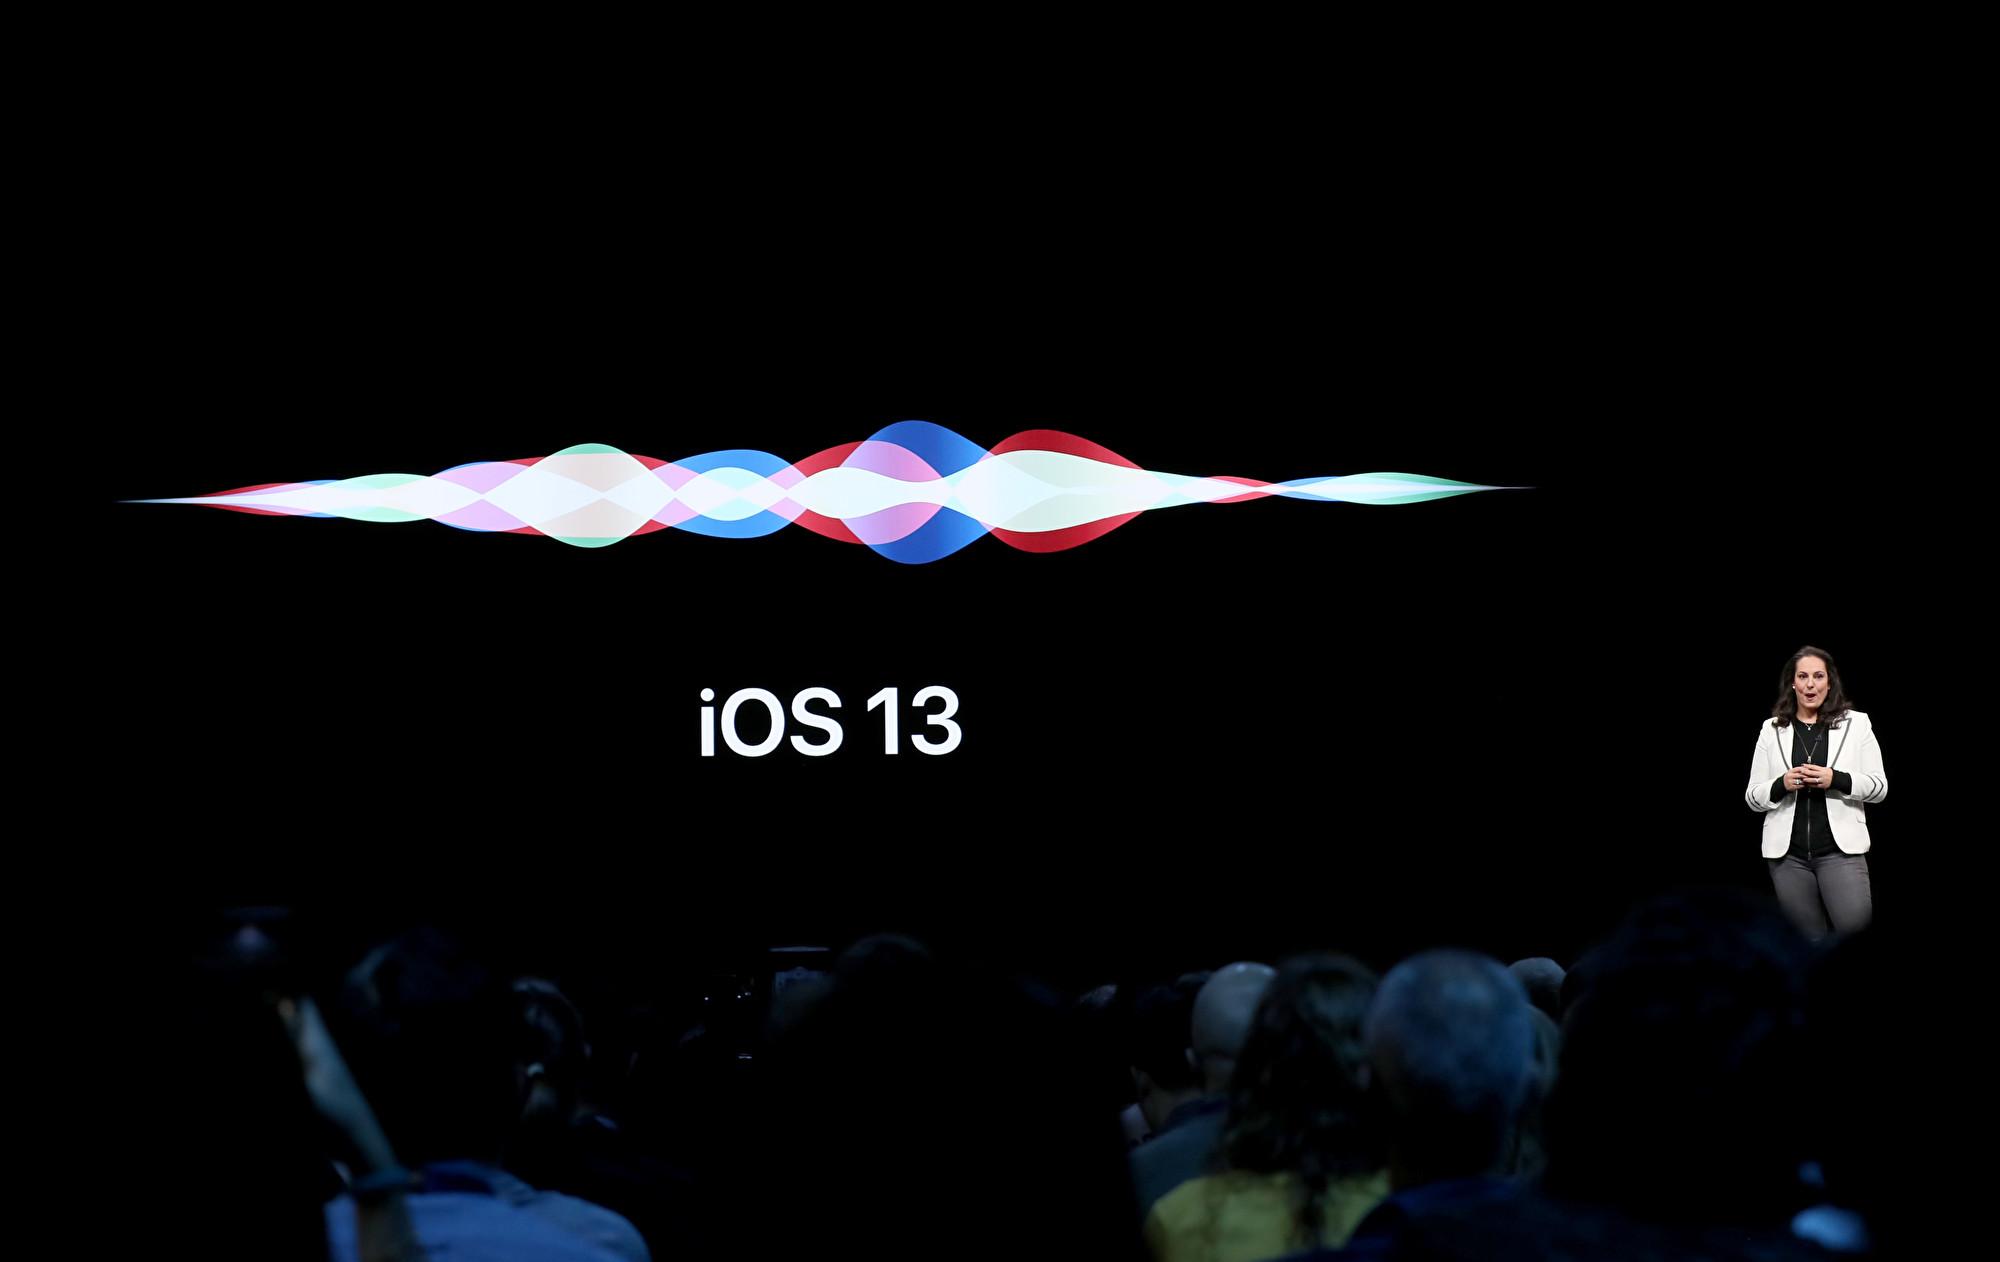 蘋果iOS13增新功能 可延長iPhone電池壽命